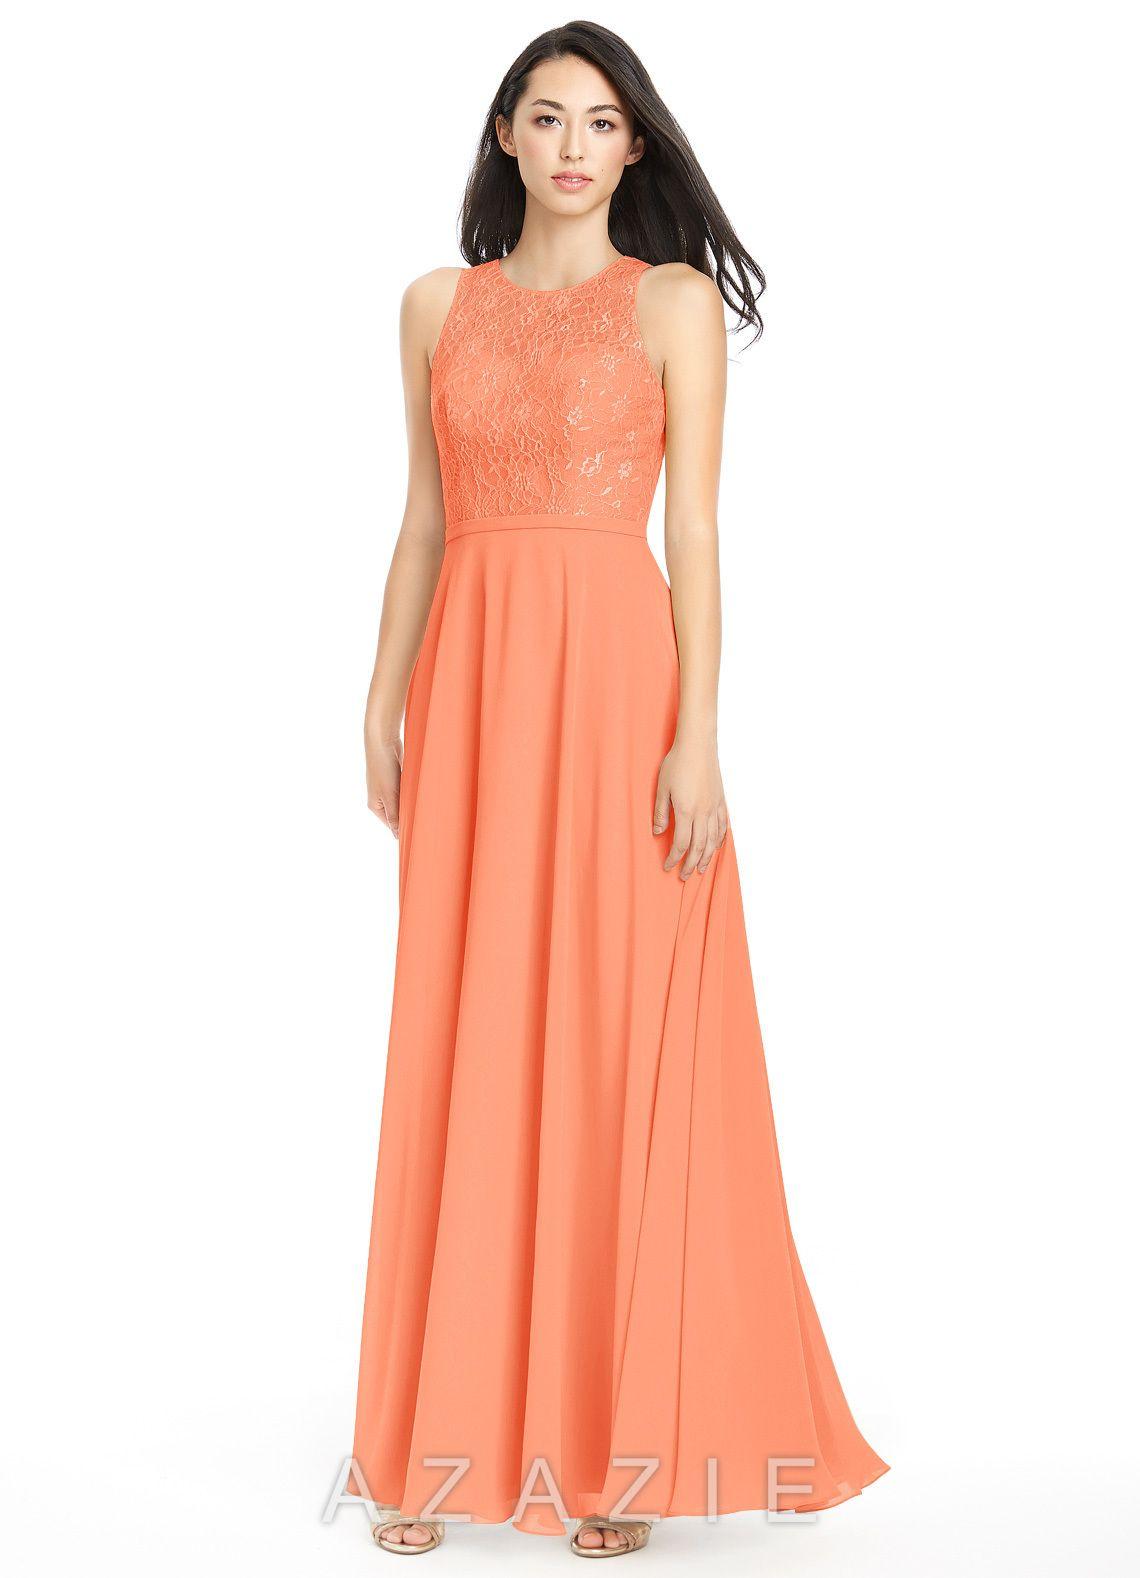 ef23b62200ec5 Frederica | A&R Wedding | Bridesmaid dresses, Peach bridesmaid ...